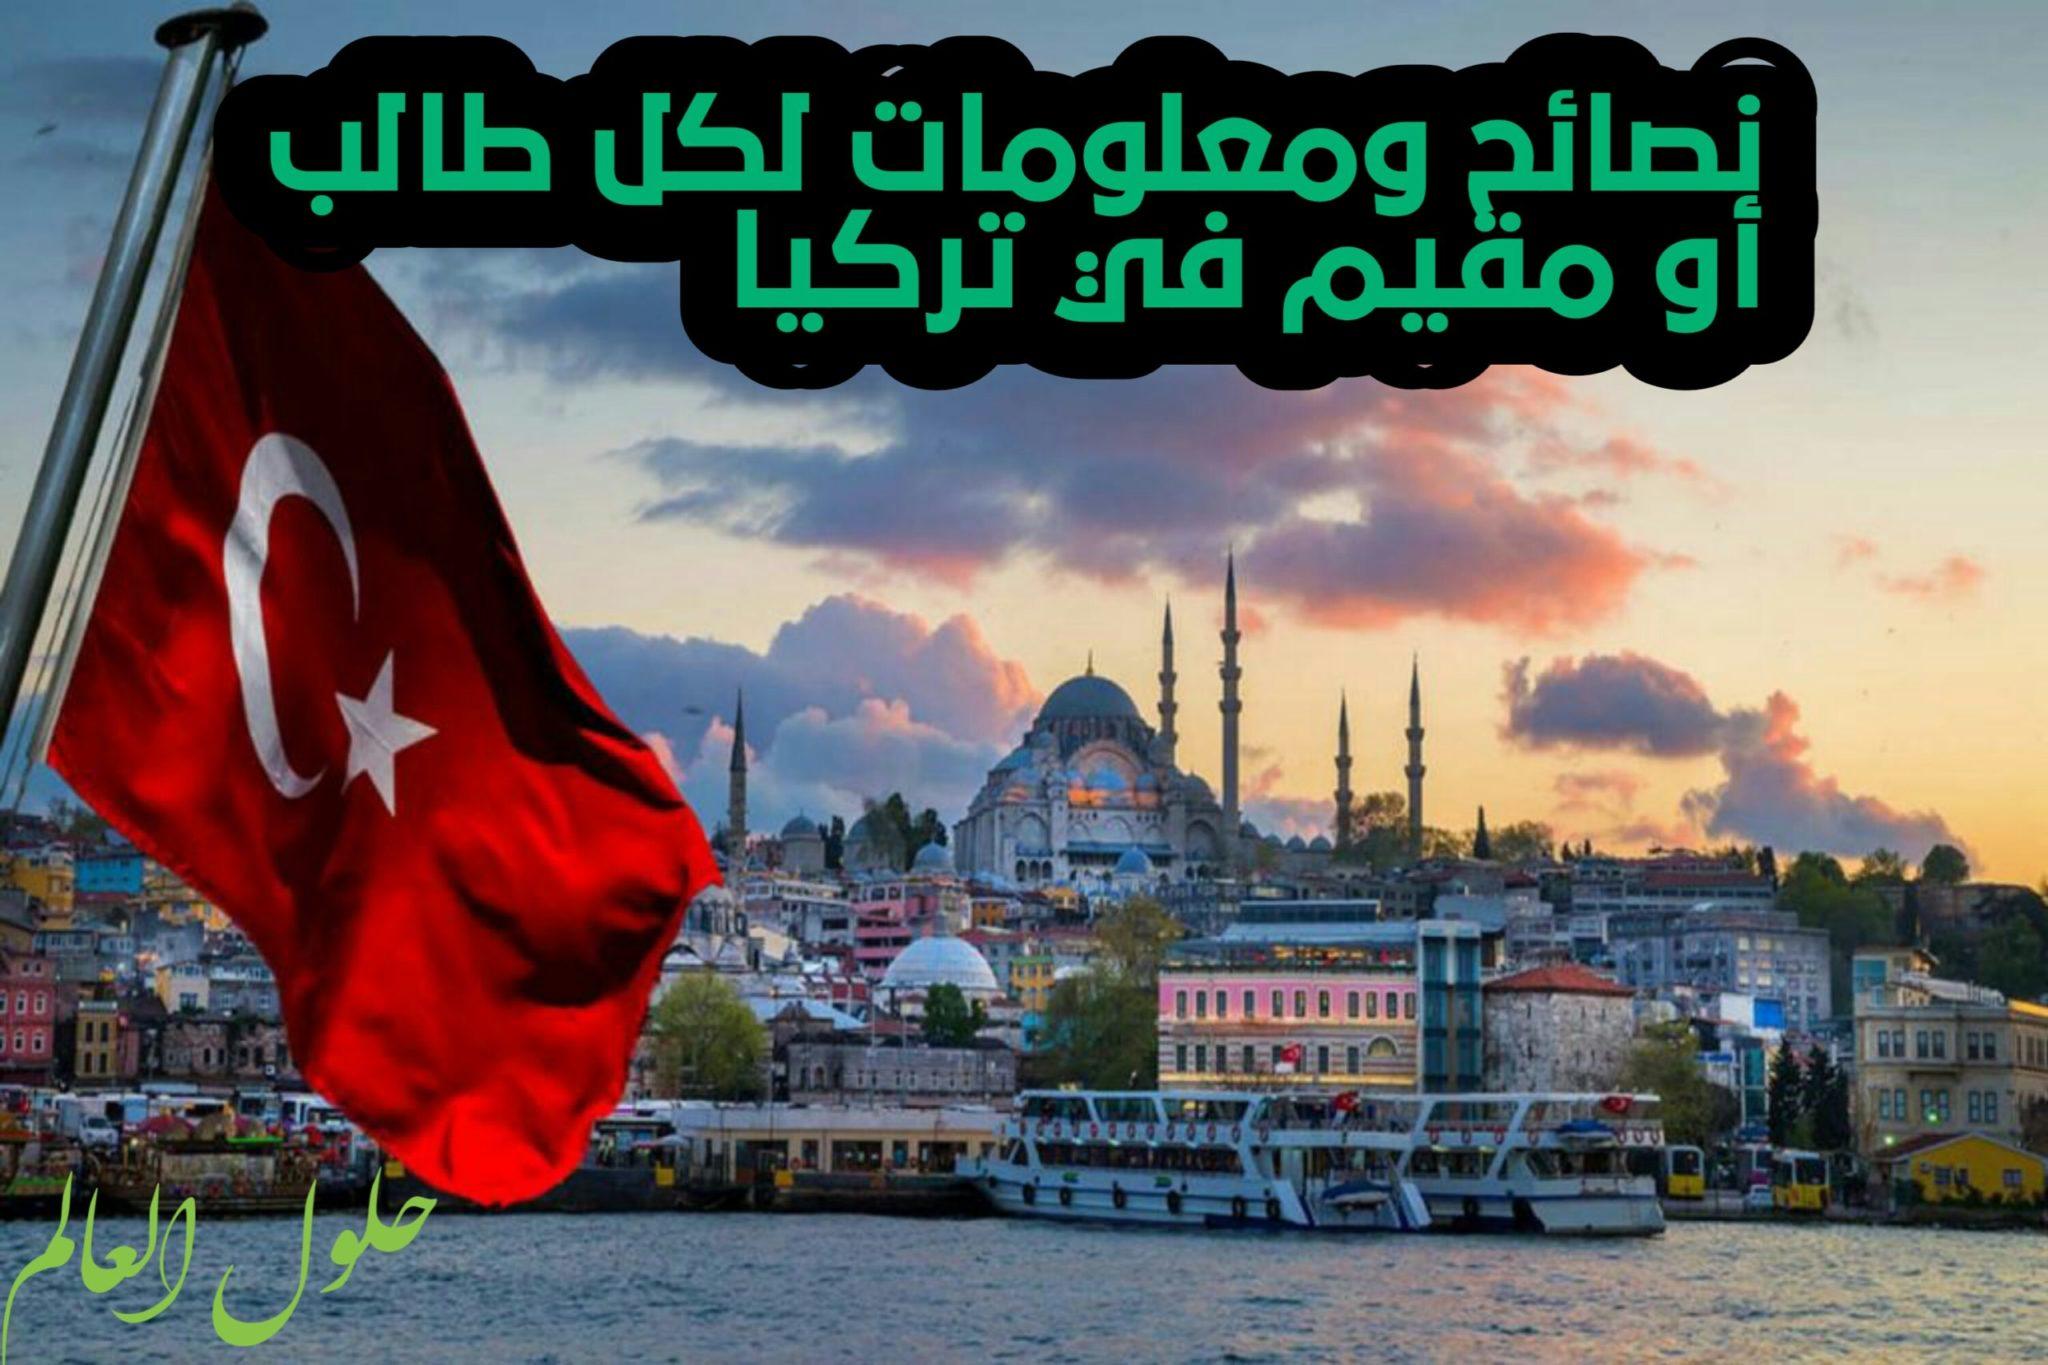 نصائح ومعلومات لكل طالب أو مقيم عربي في تركيا او ينوي القدوم